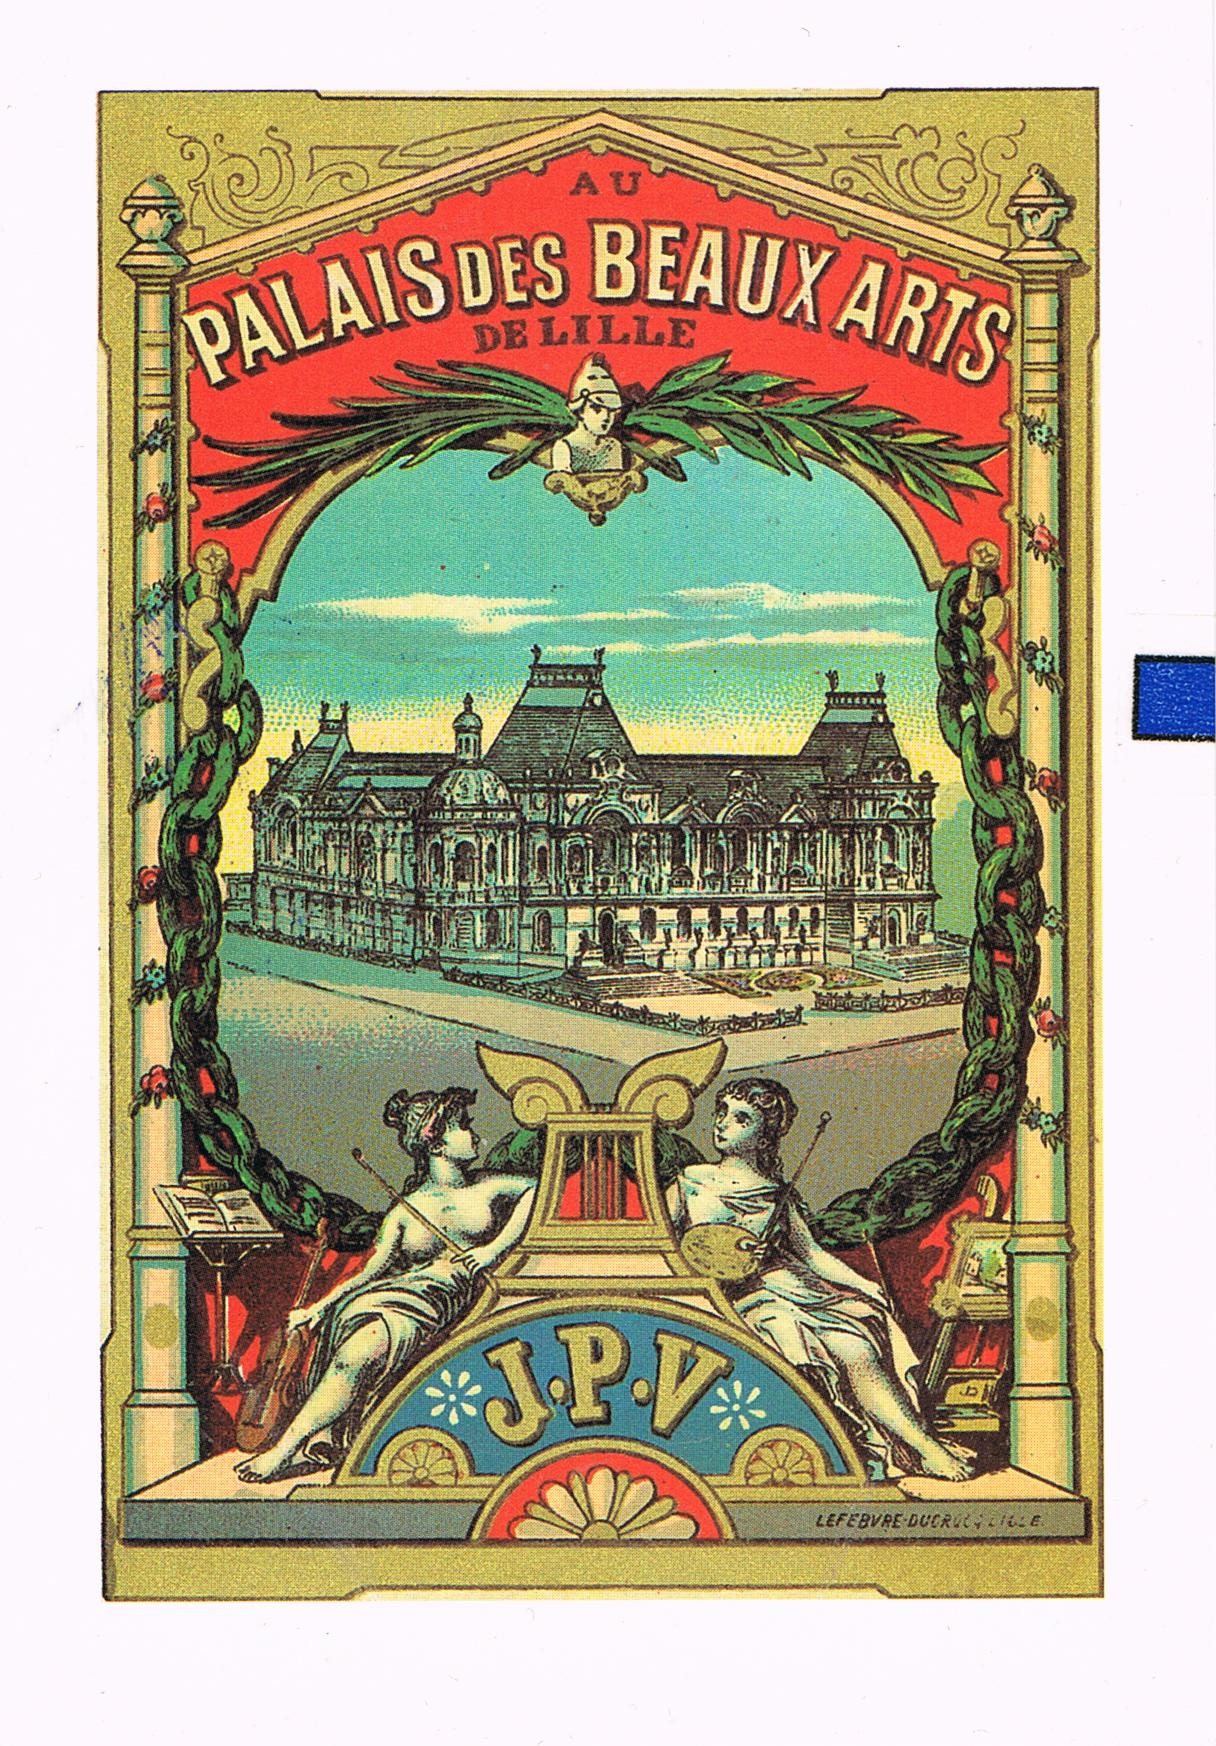 Palais des Beaux-Arts de Lille